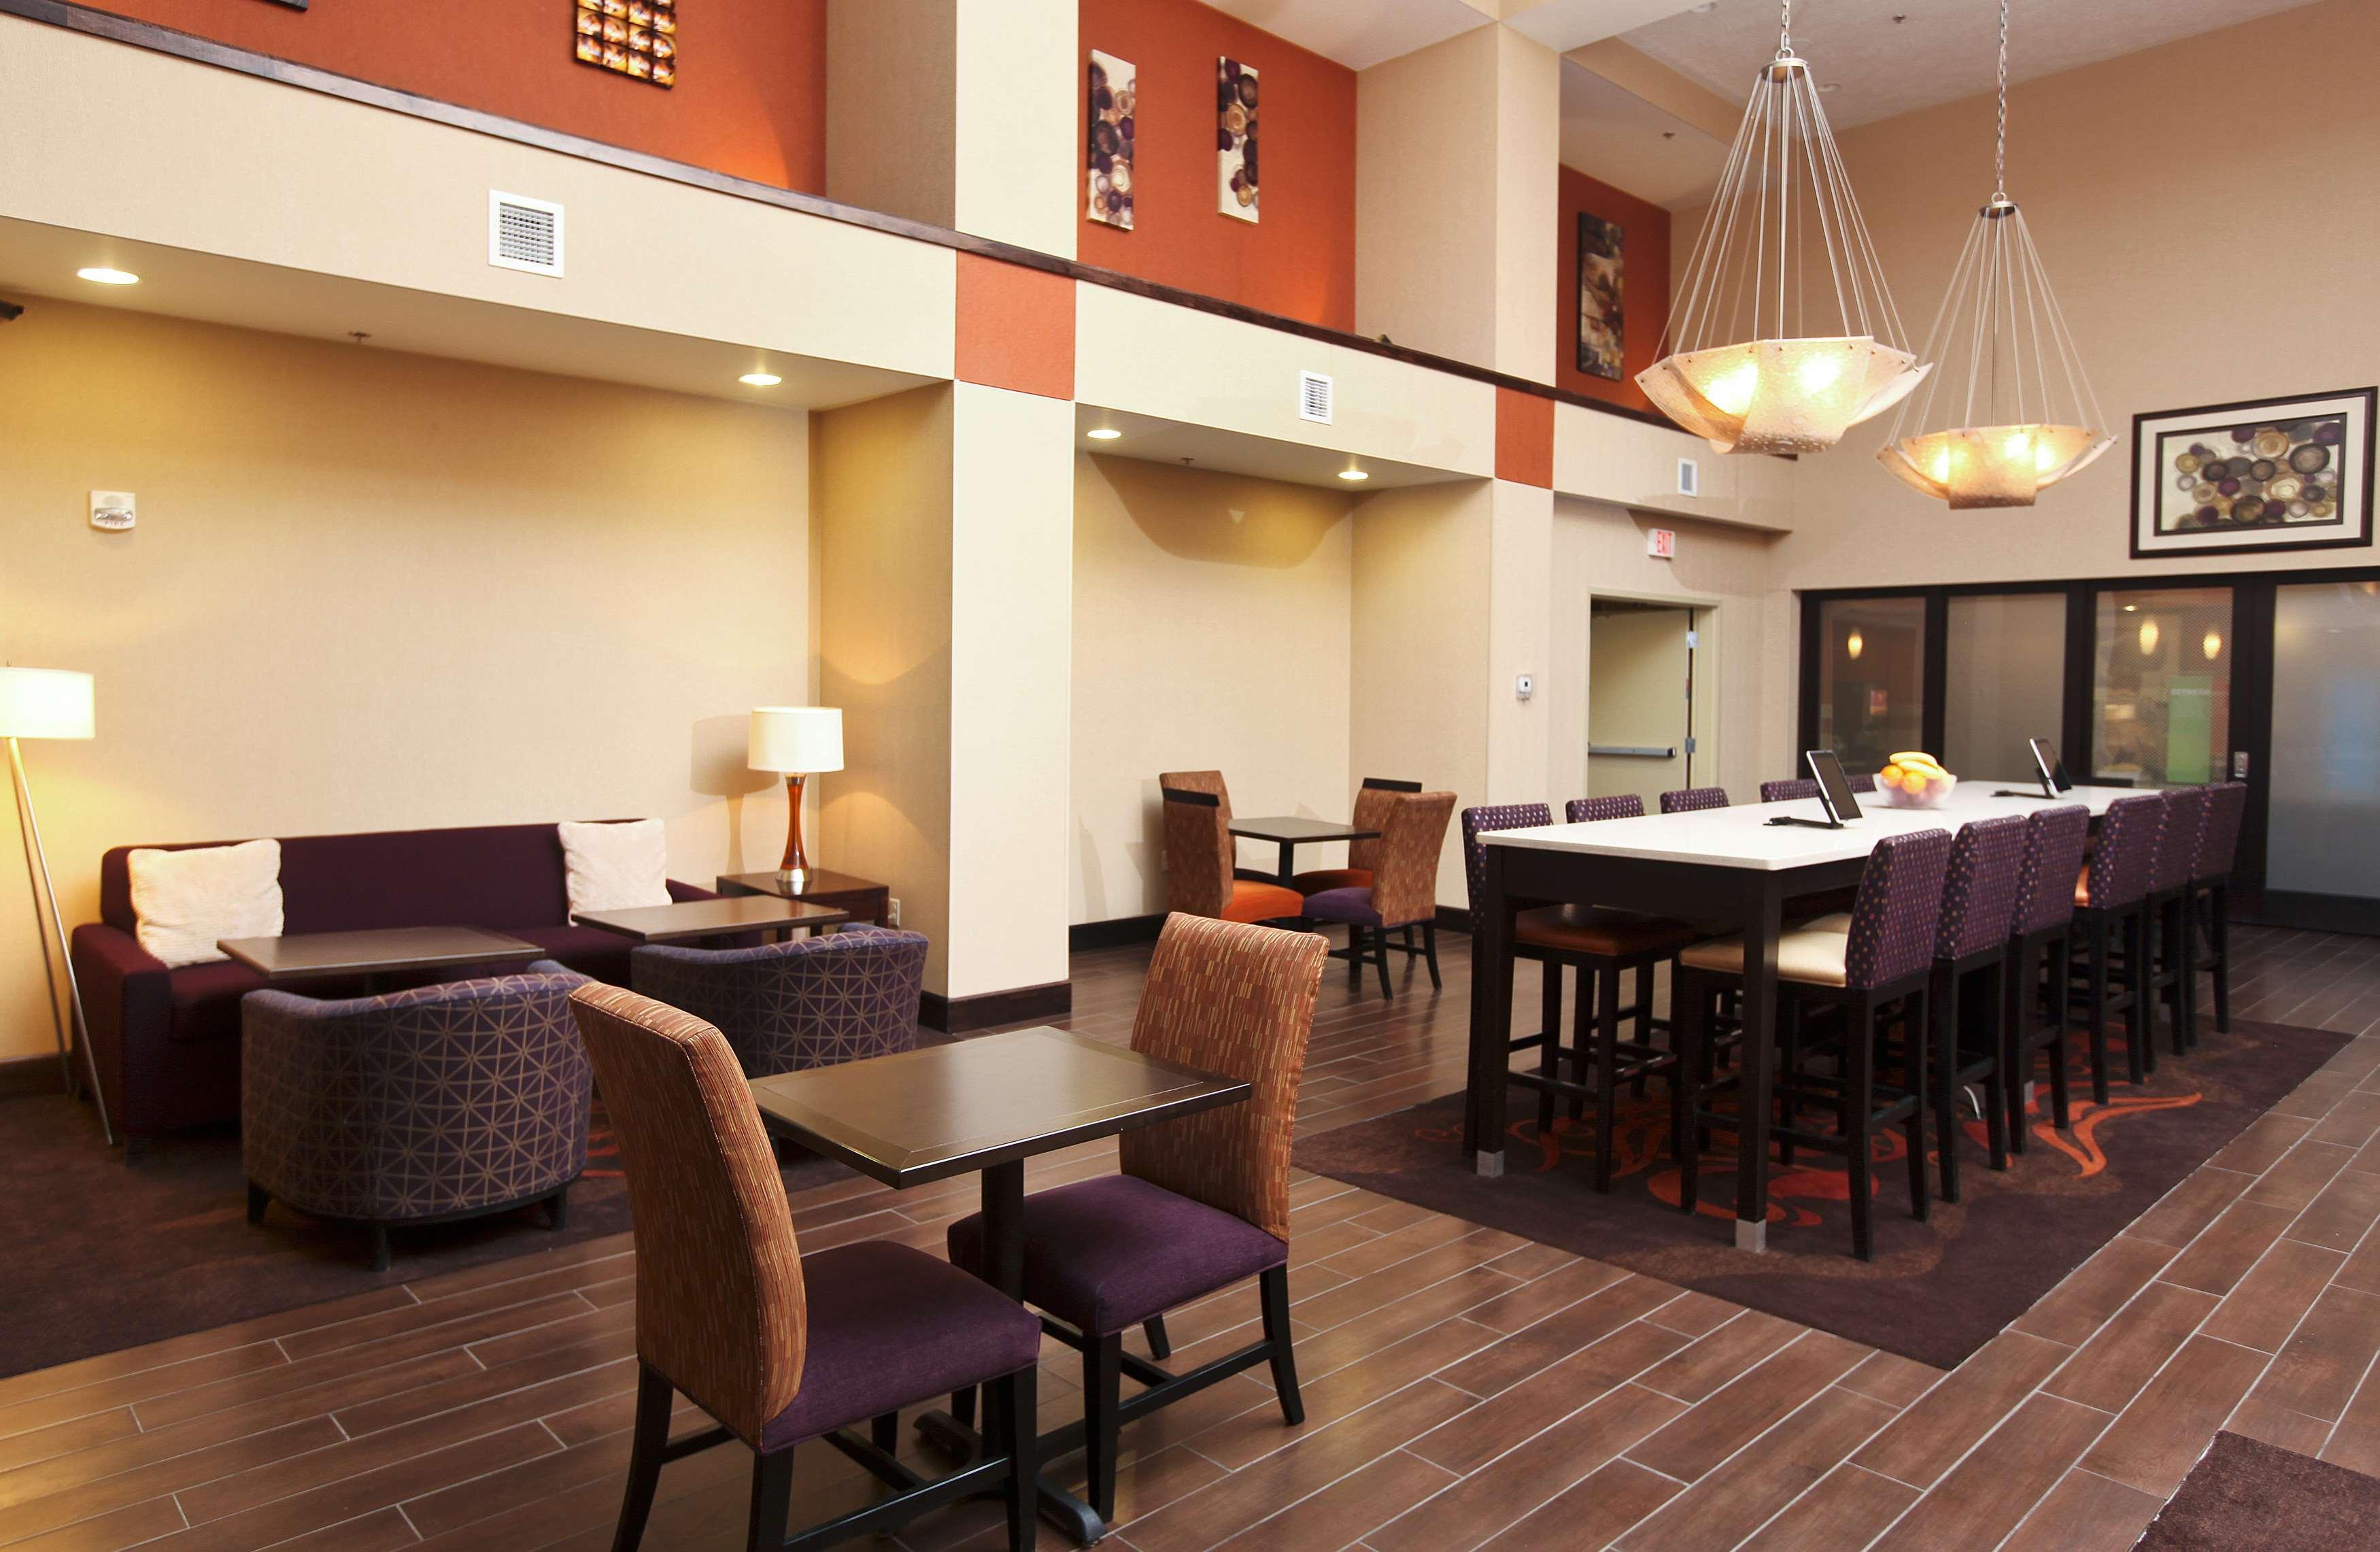 Hampton Inn & Suites Fargo image 2